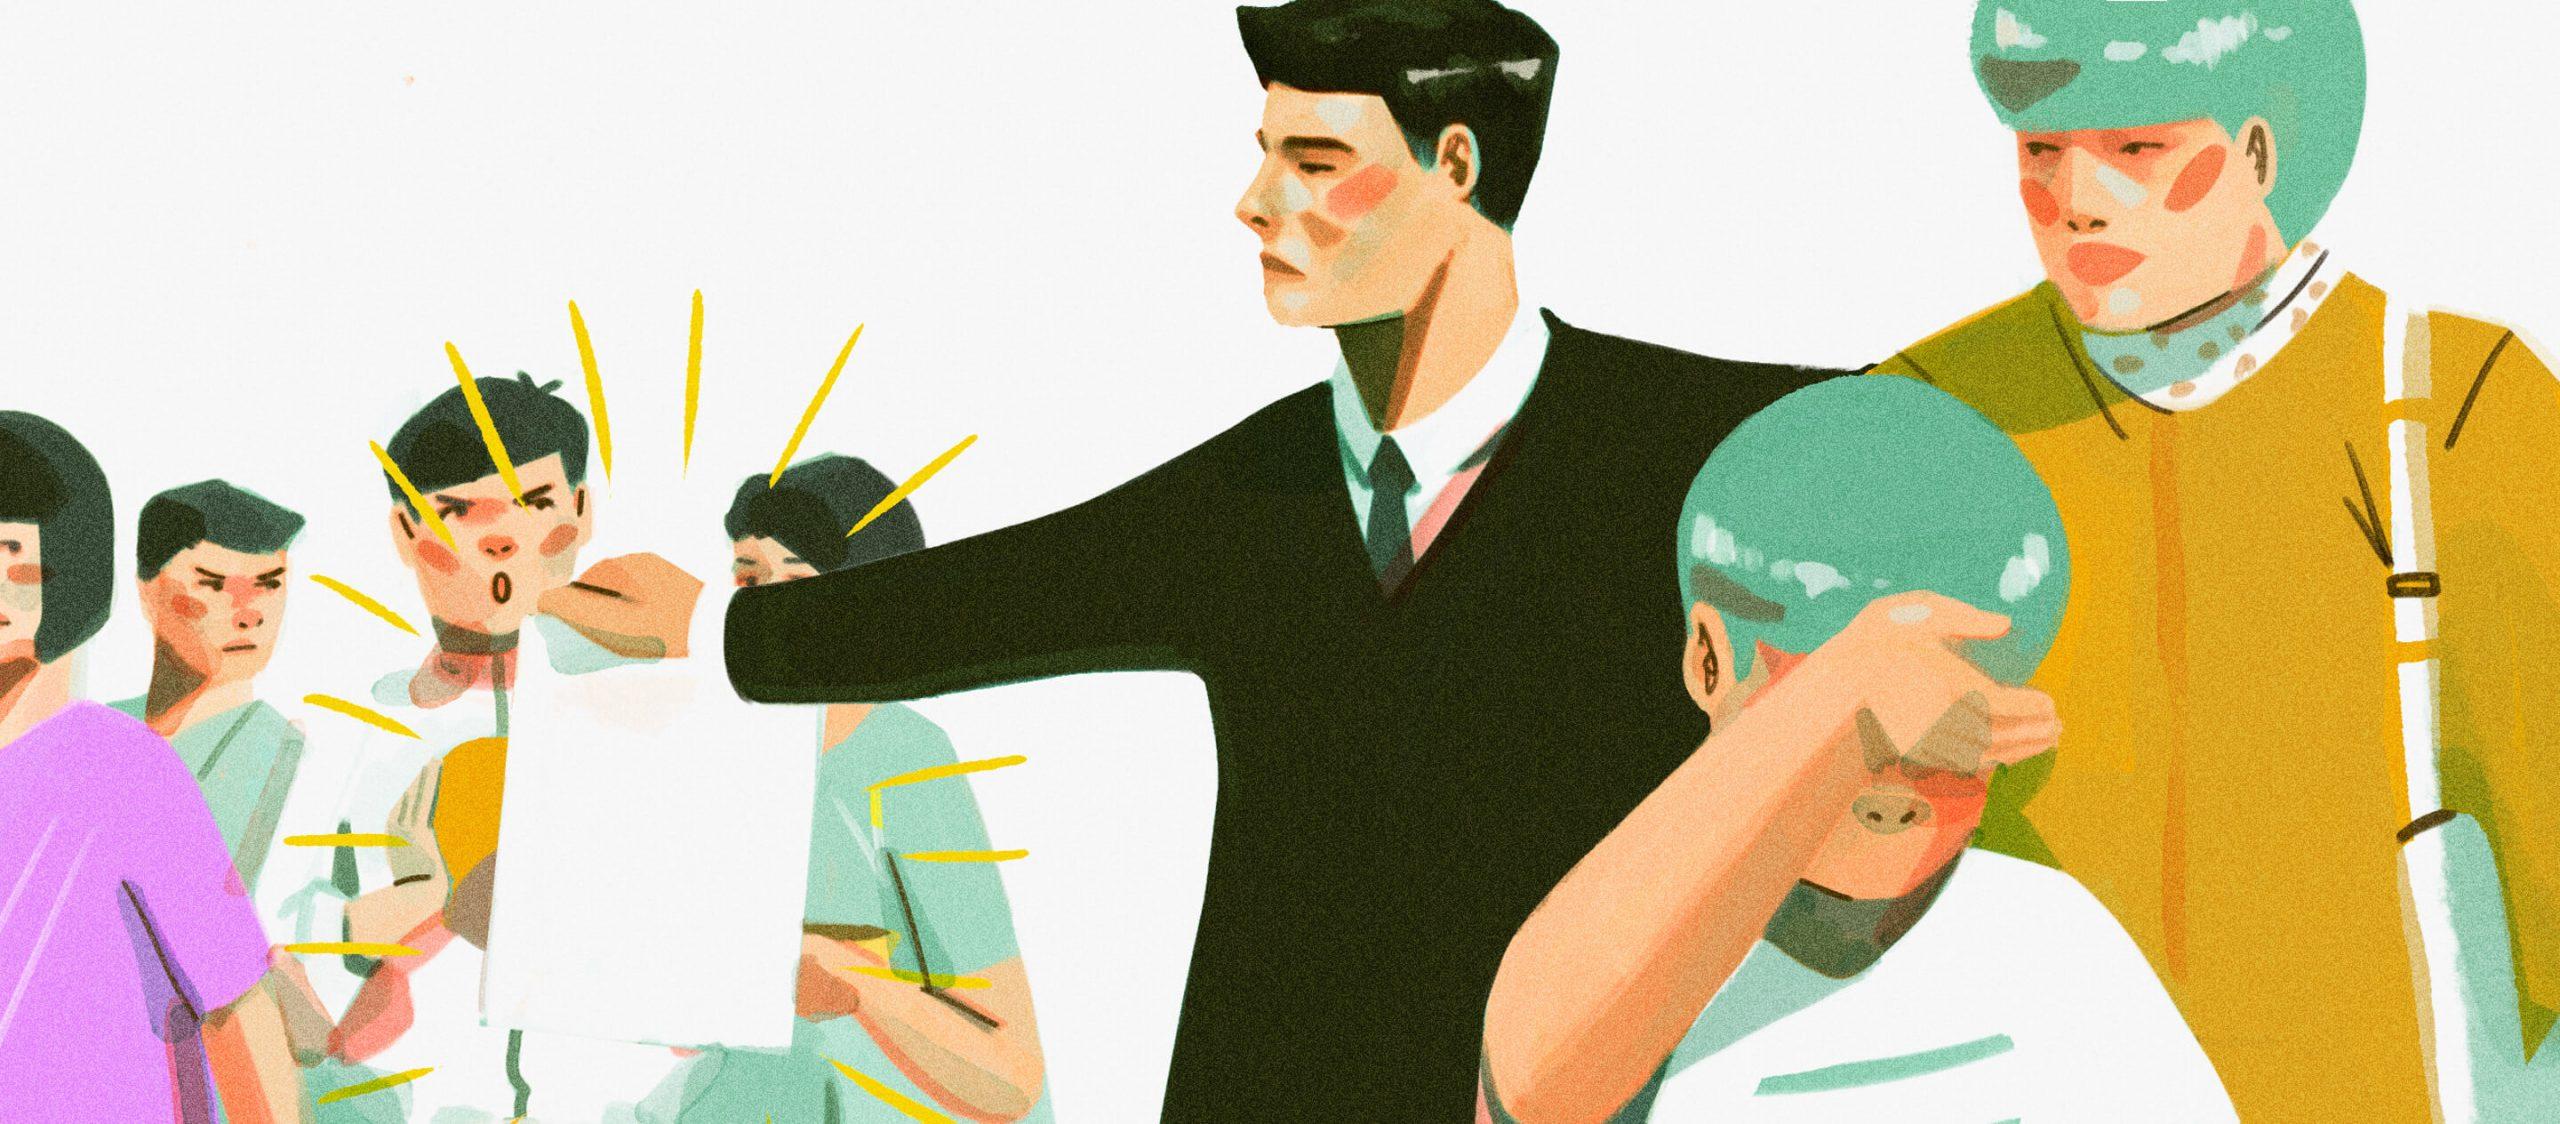 bully insurance ทำประกันก่อนลูกโดนแกล้งคือเทรนด์ใหม่ในญี่ปุ่น